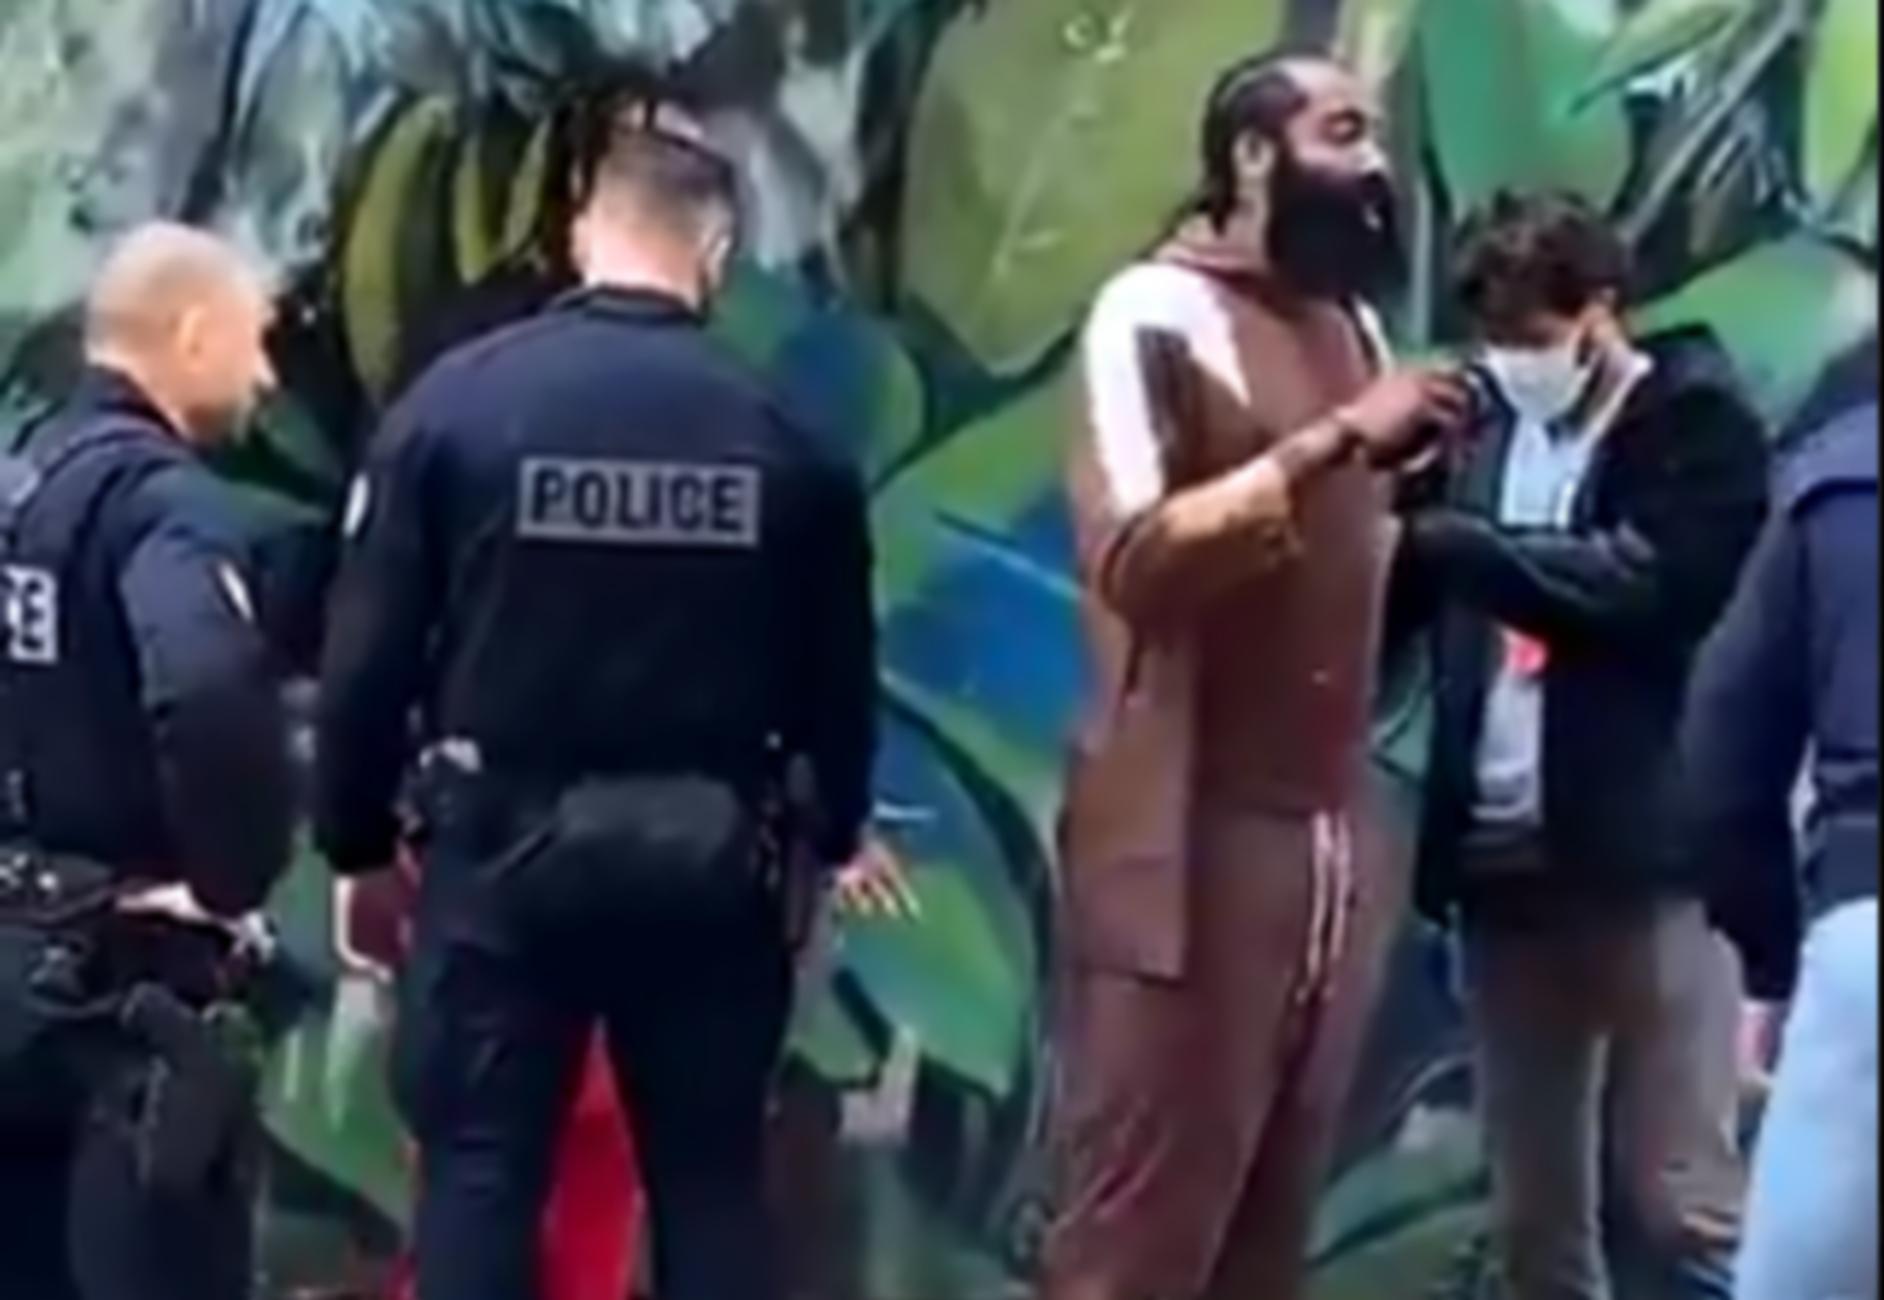 Σωματικό έλεγχο στον Τζέιμς Χάρντεν έκανε η αστυνομία στο Παρίσι